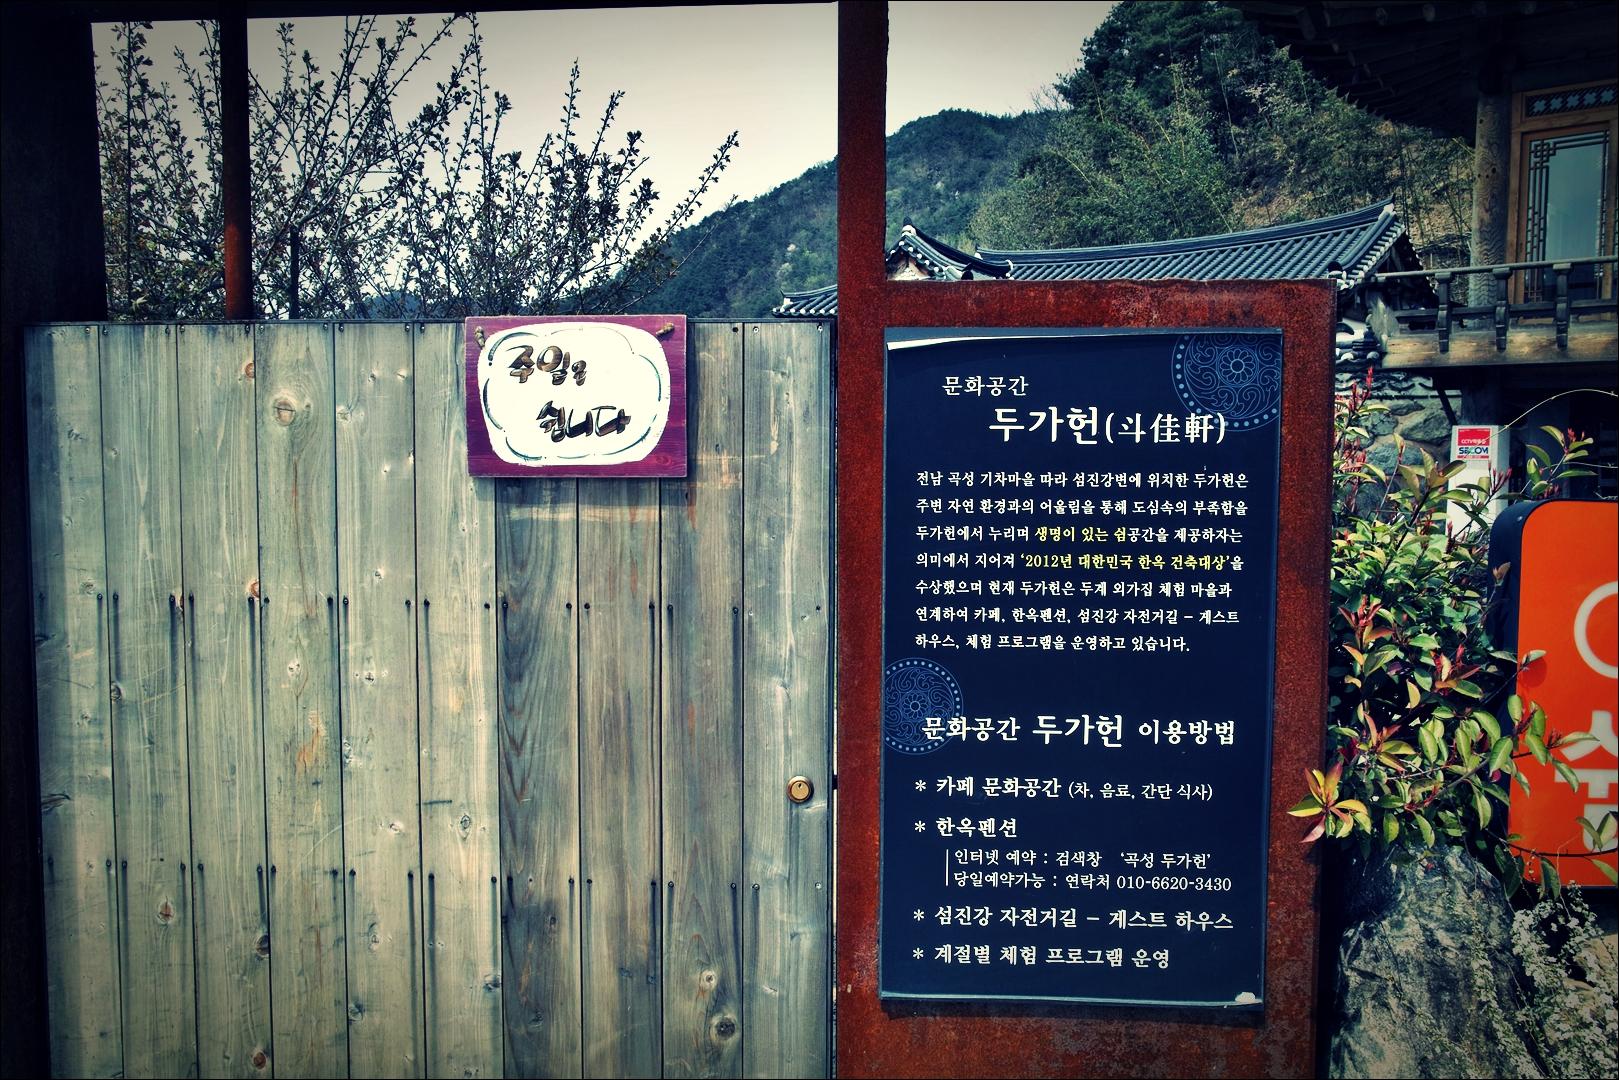 두가헌-'섬진강 자전거 여행'